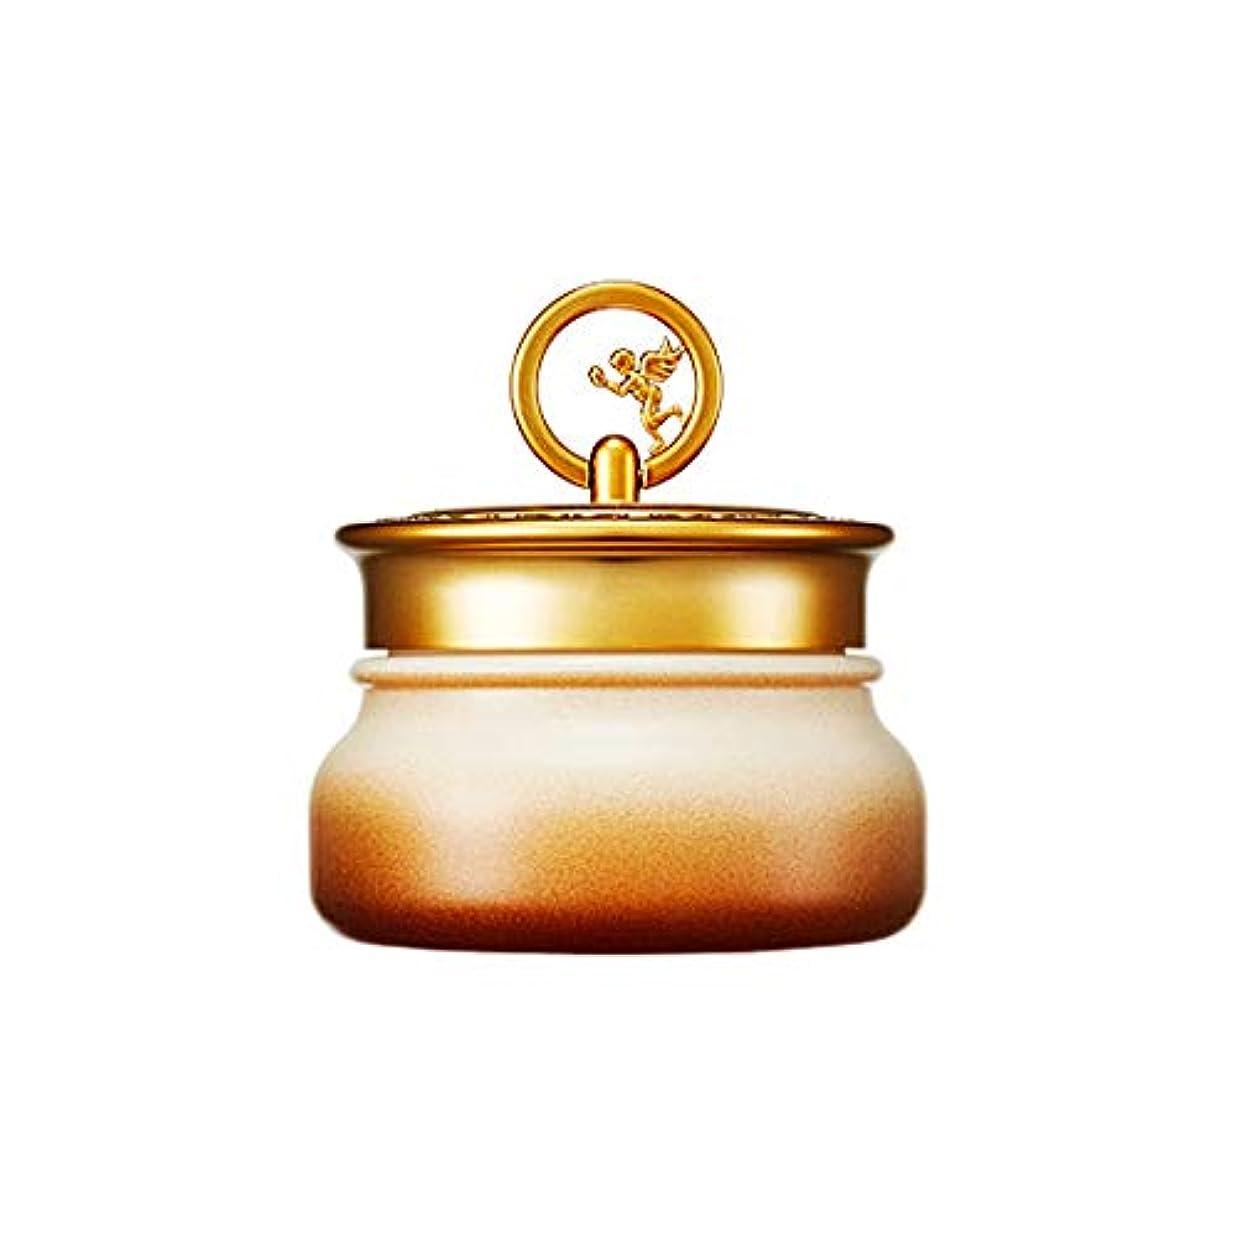 振りかけるピケ抜本的なSkinfood ゴールドキャビアクリーム(しわケア) / Gold Caviar Cream (wrinkle care) 45g [並行輸入品]